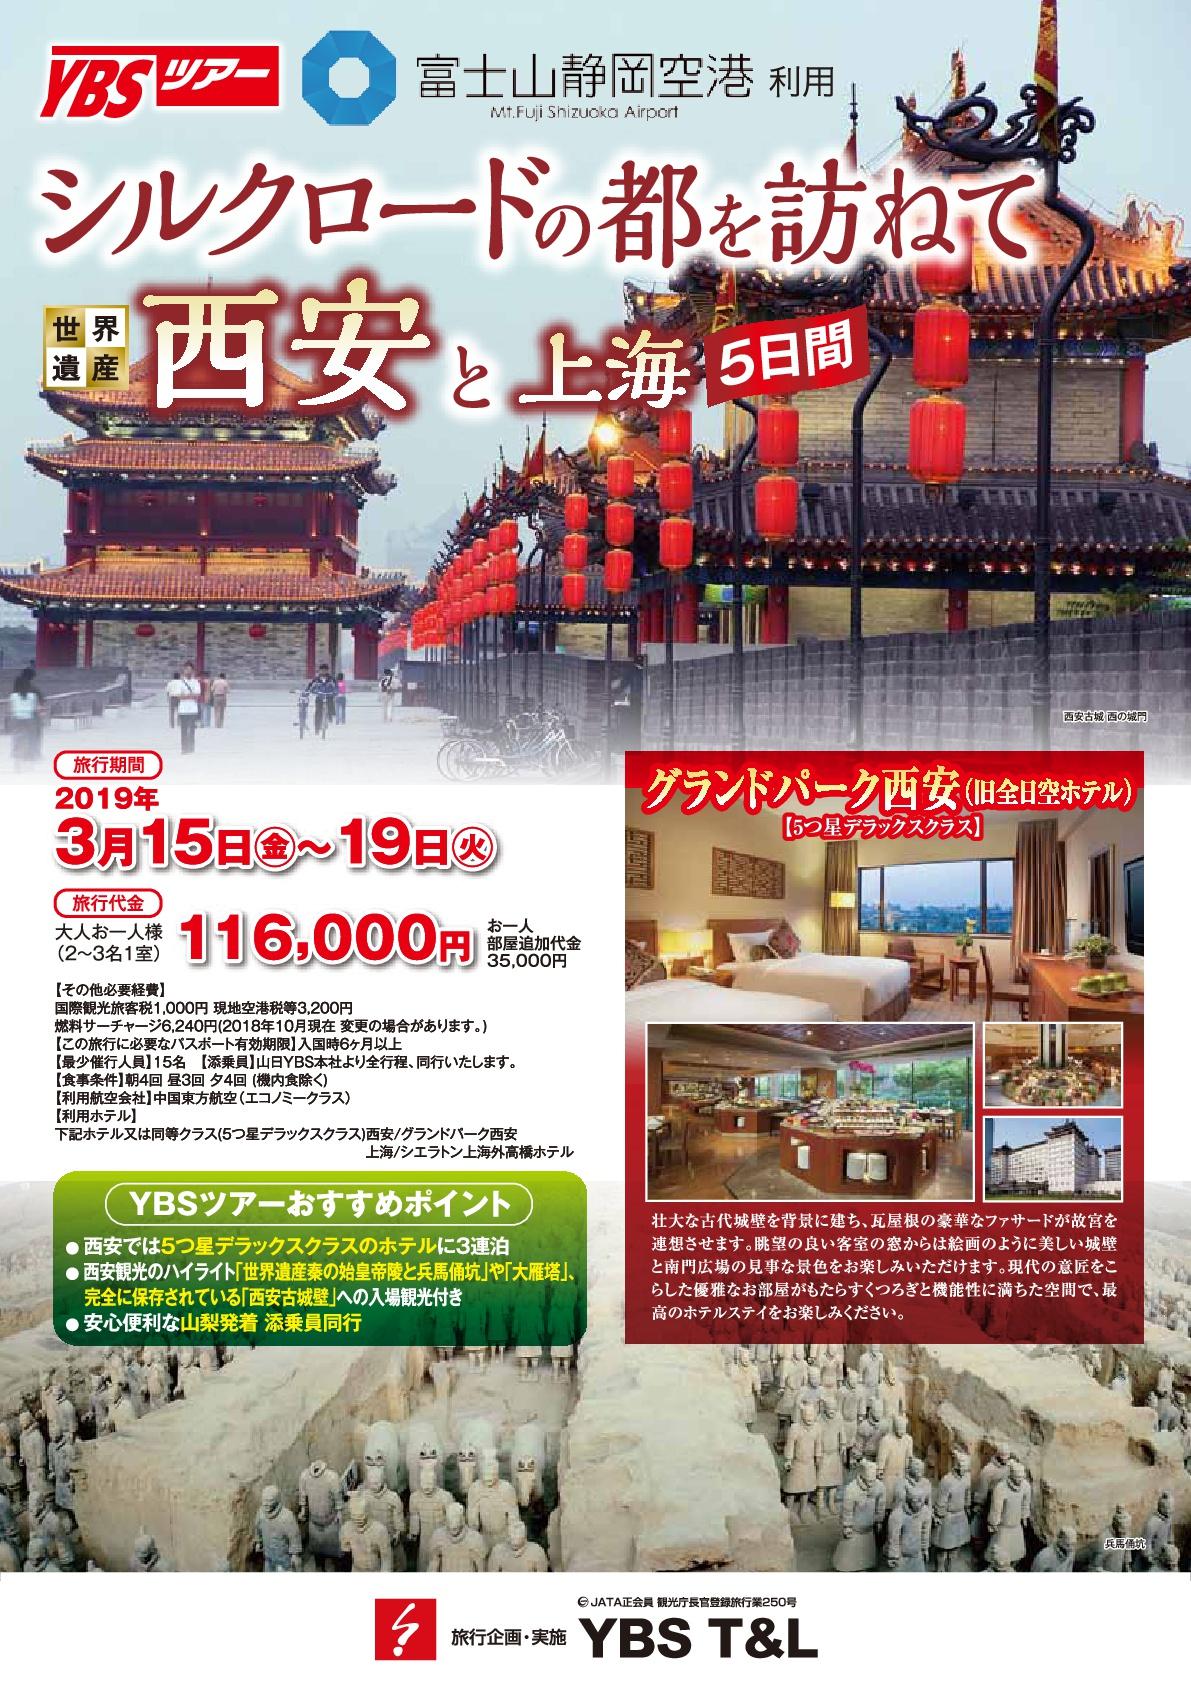 シルクロードの都を訪ねて 西安と上海5日間